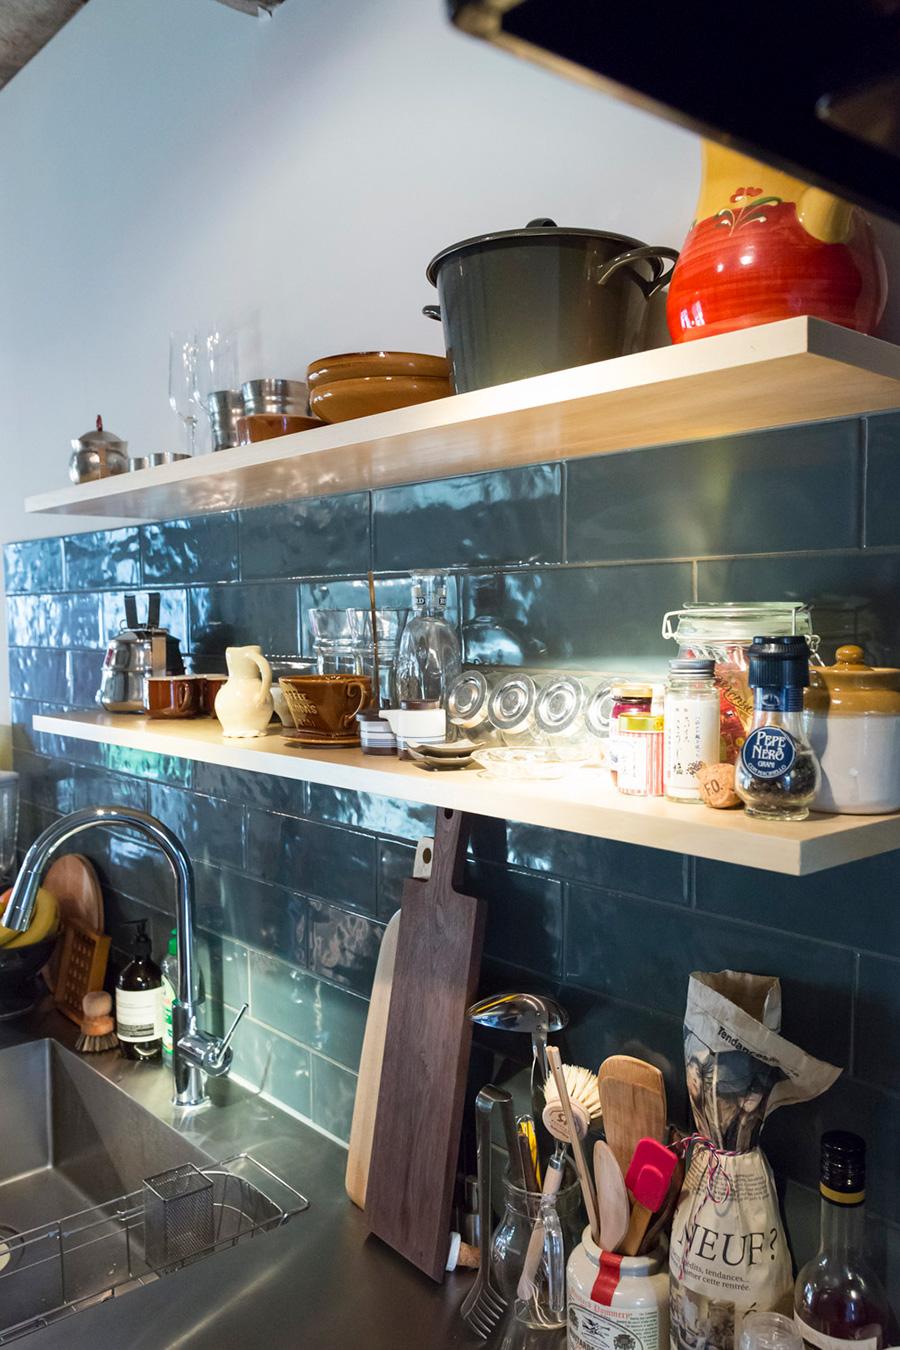 「キッチンのタイルのブルーの色がとても気に入っています。このブルーから部屋のイメージを作っていきました」